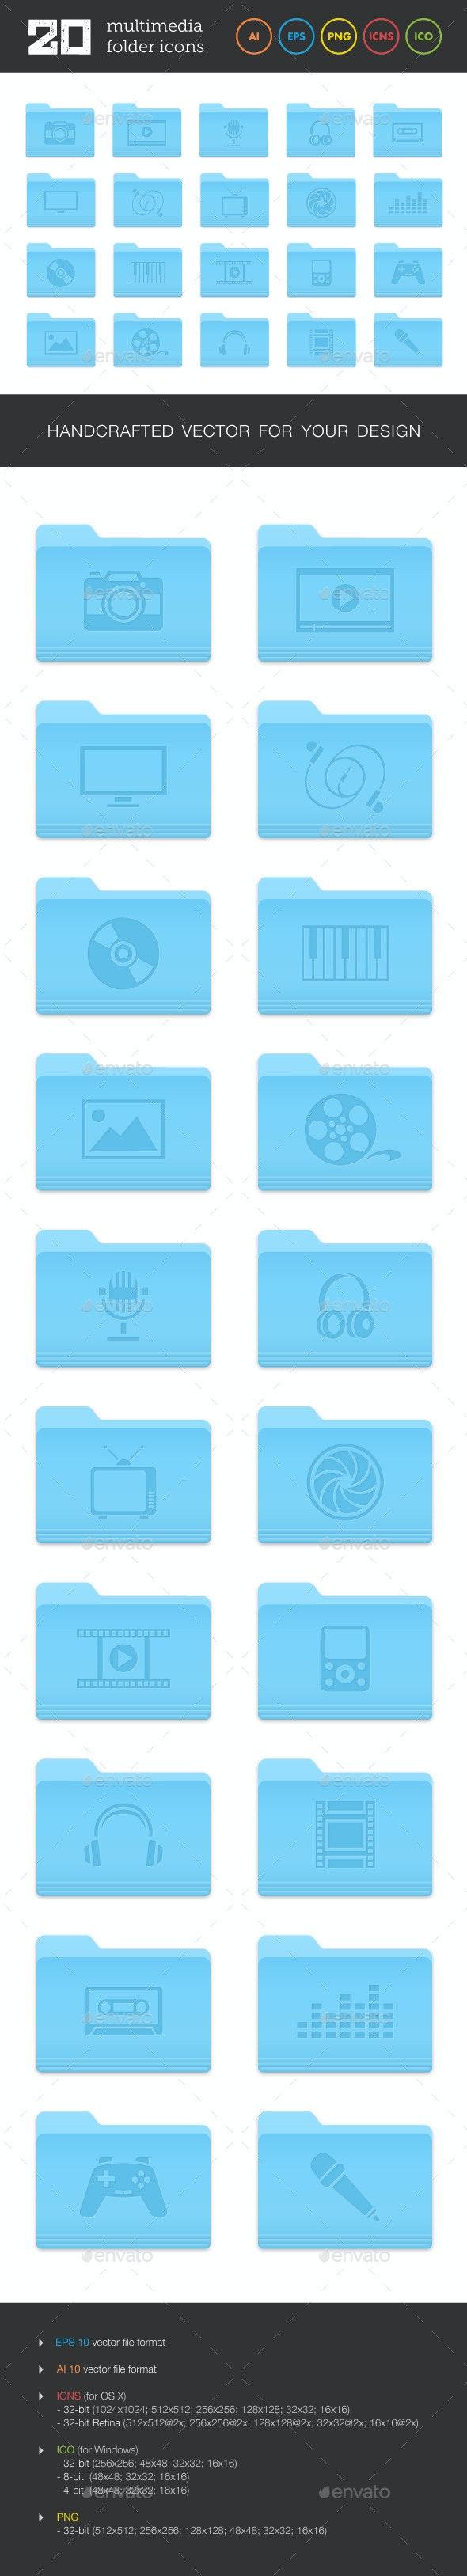 Multimedia Folder Icons Set - Media Icons